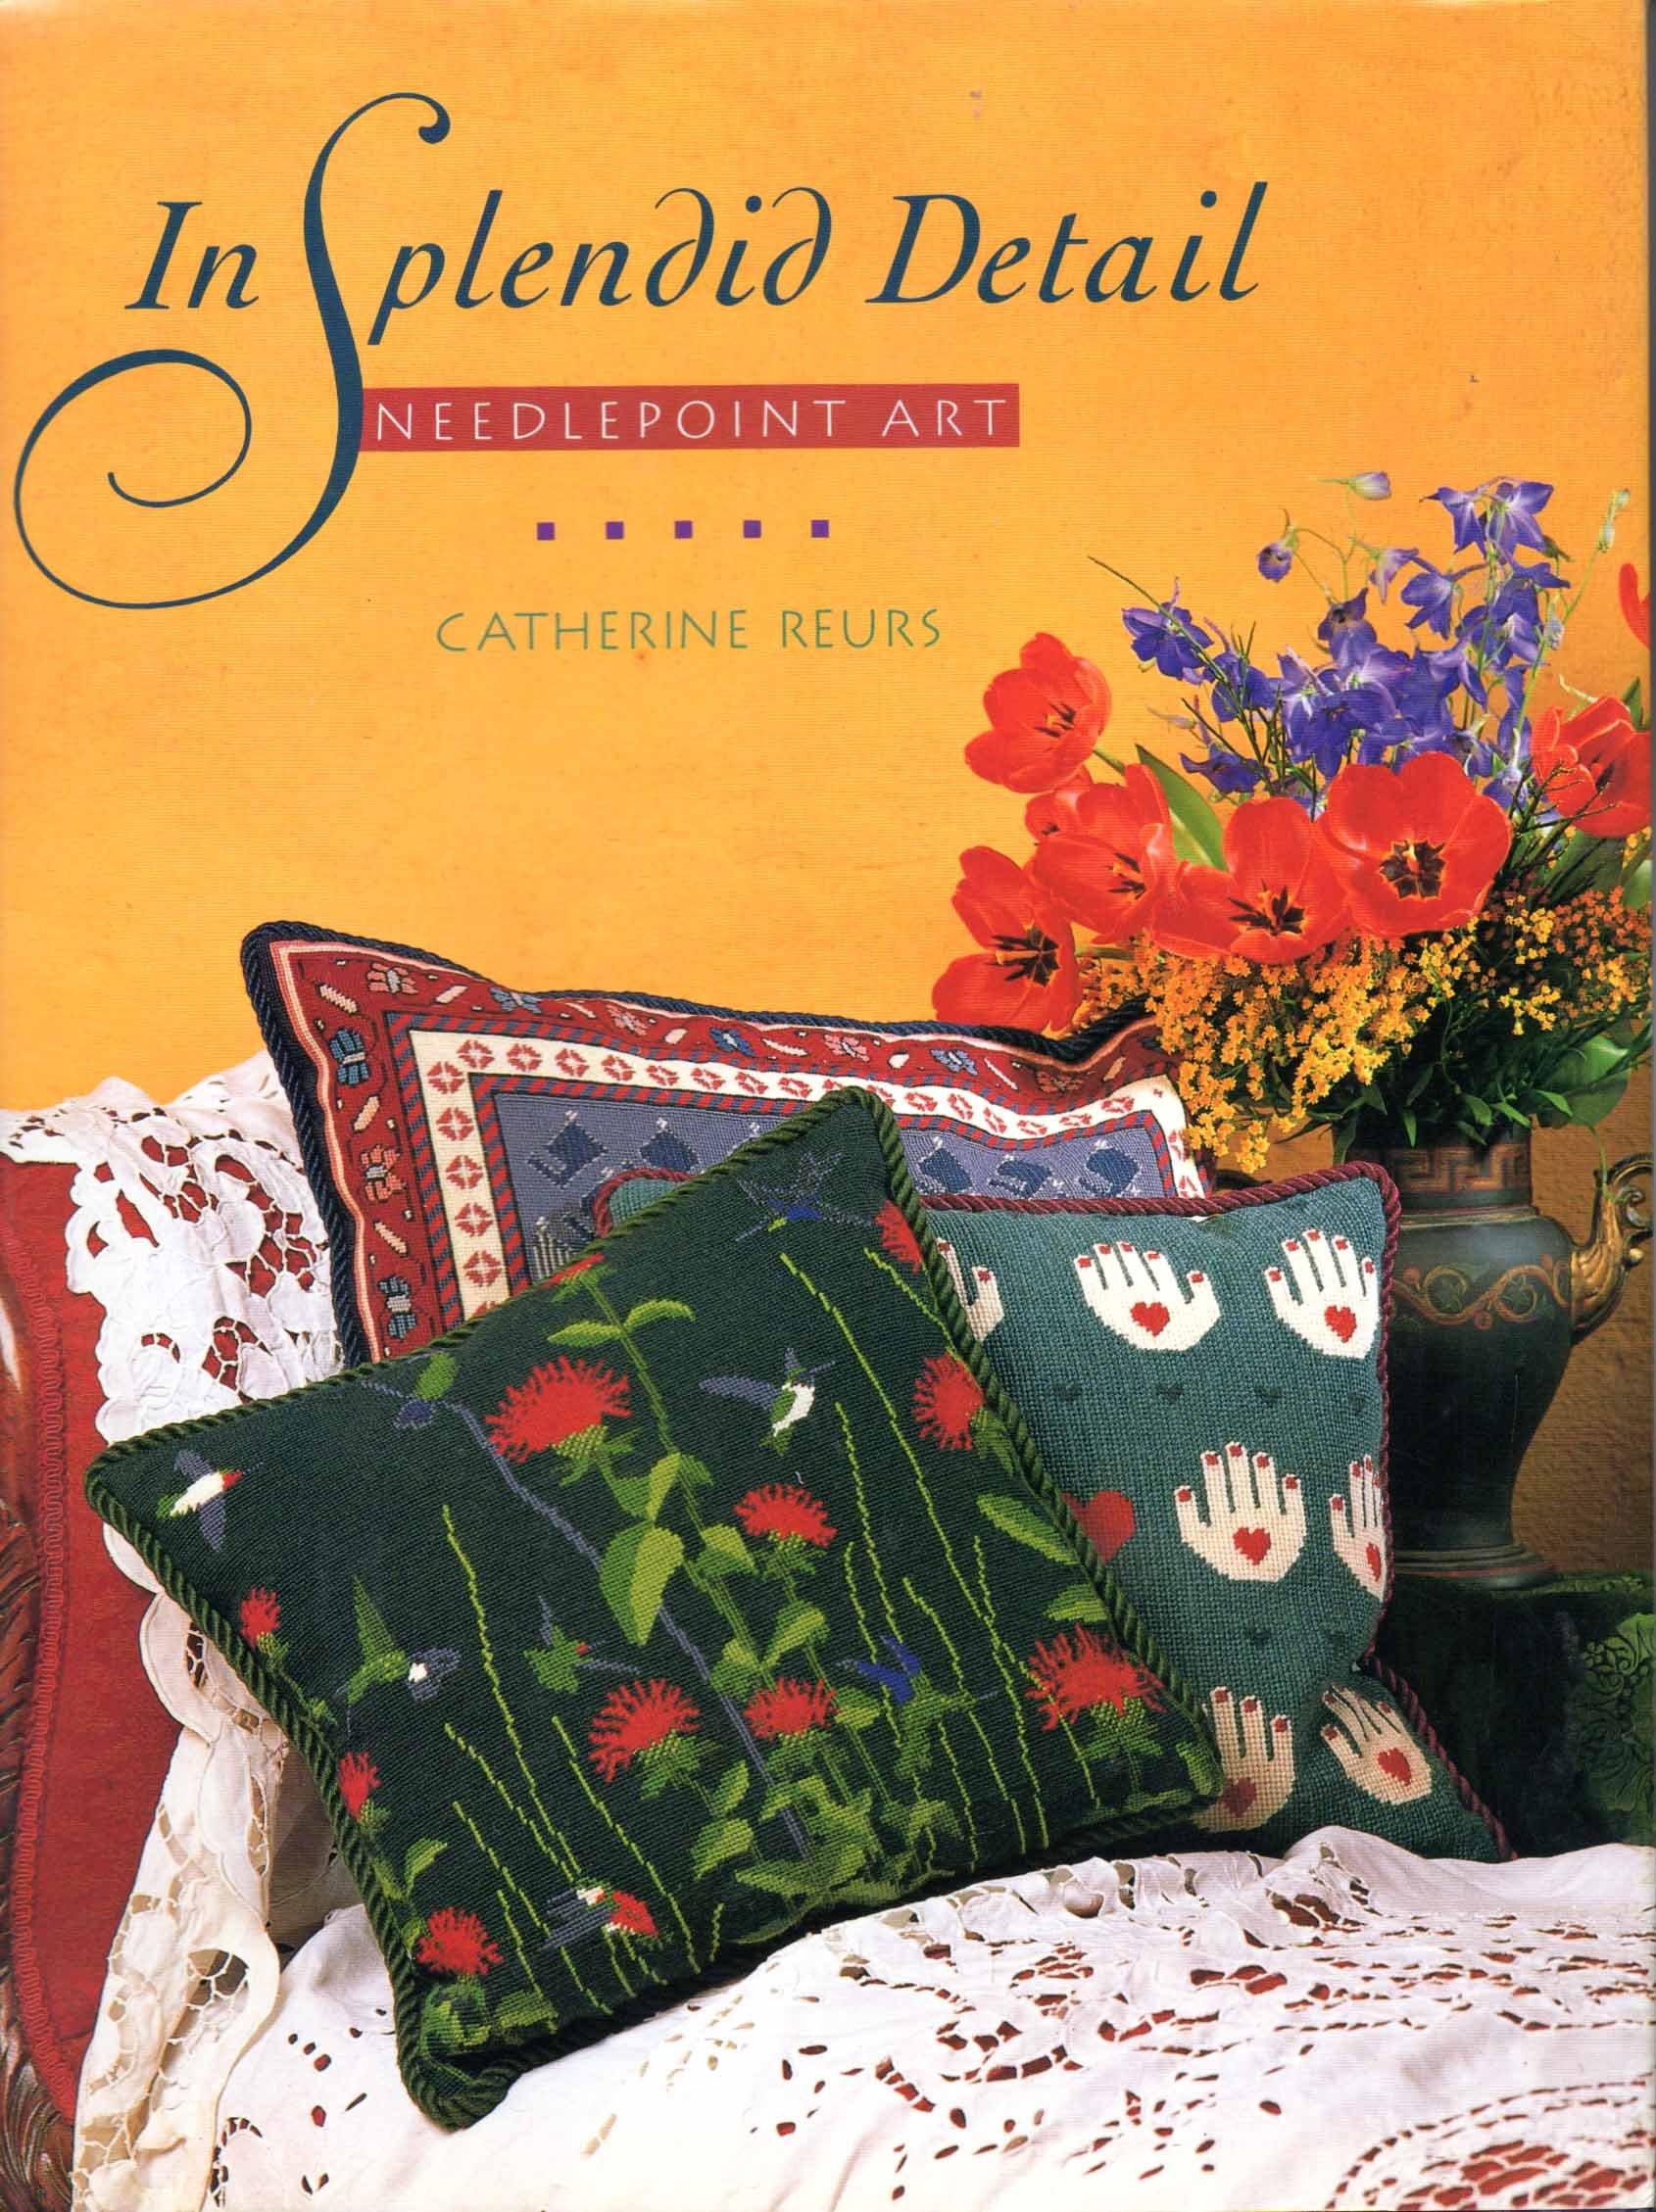 In Splendid Detail: Needlepoint Art Hardcover – September 1, 1991 Catherine Reurs Stewart Tabori & Chang 1556701853 903585814